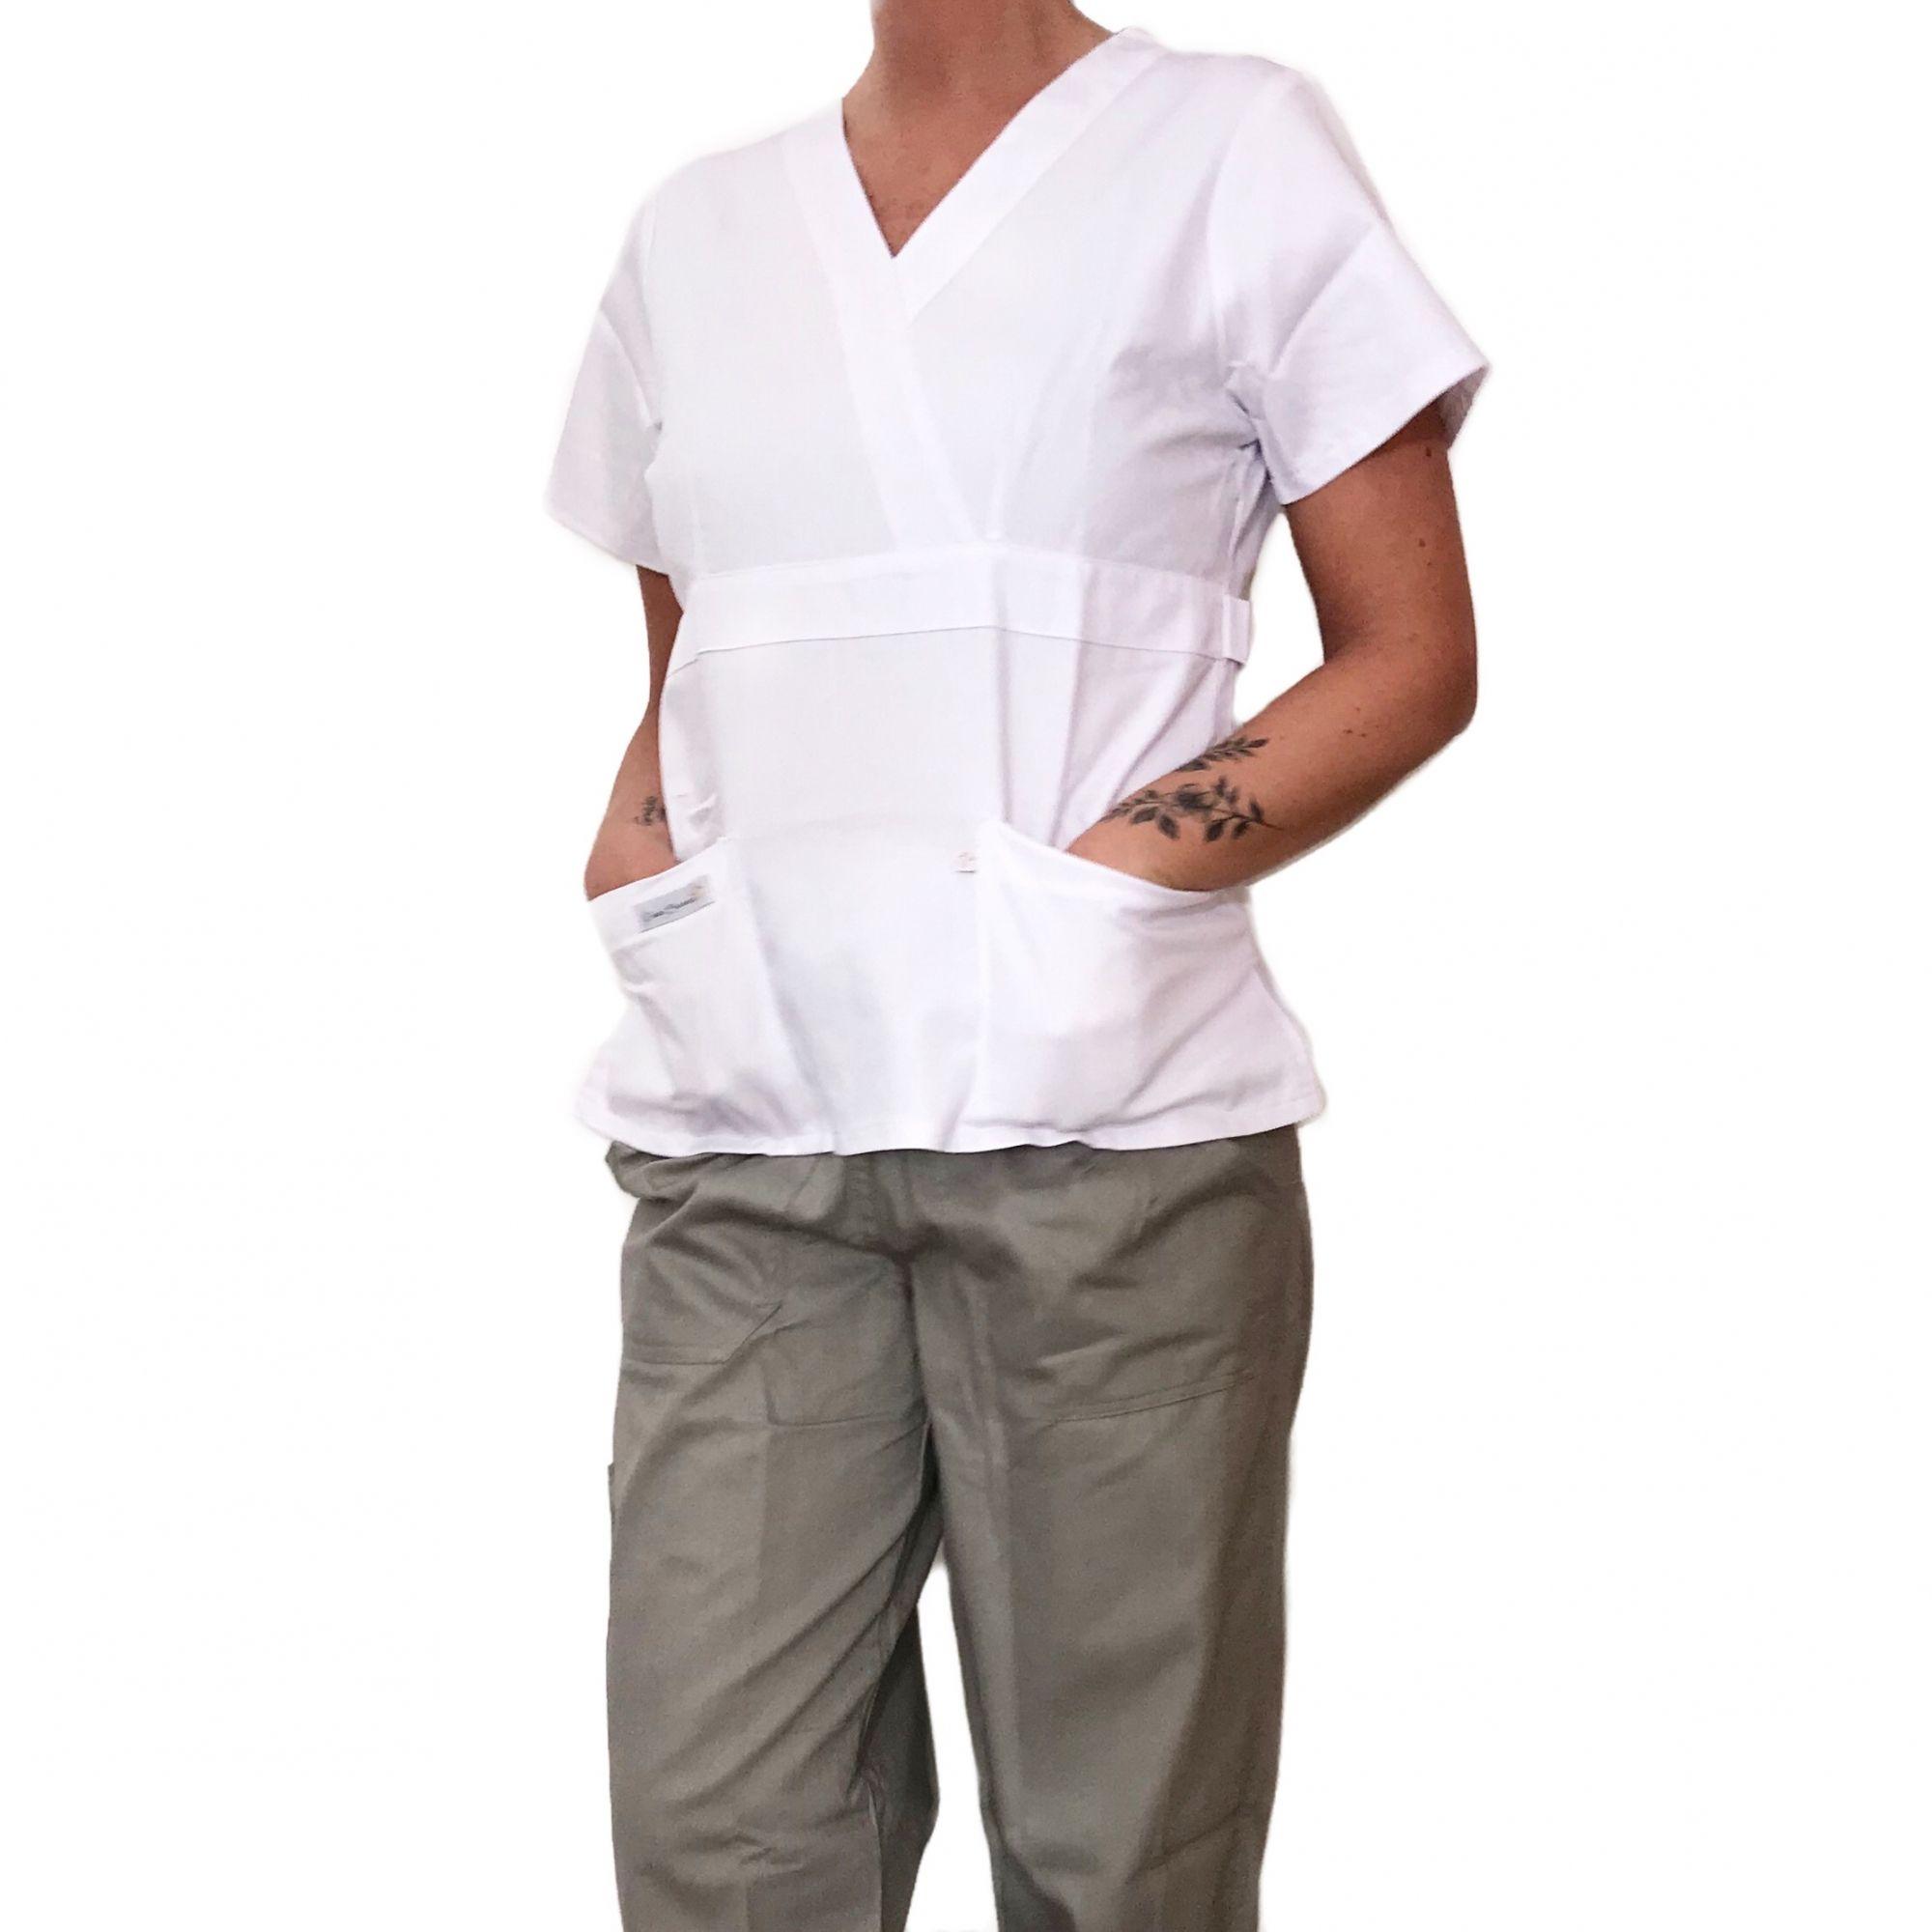 Conjunto Scrub Anatomys Feminino  Camisa BRANCA com ajuste para acinturar Atrás e Cordão Preto  para Calça CINZA  Tecido 100% Algodão